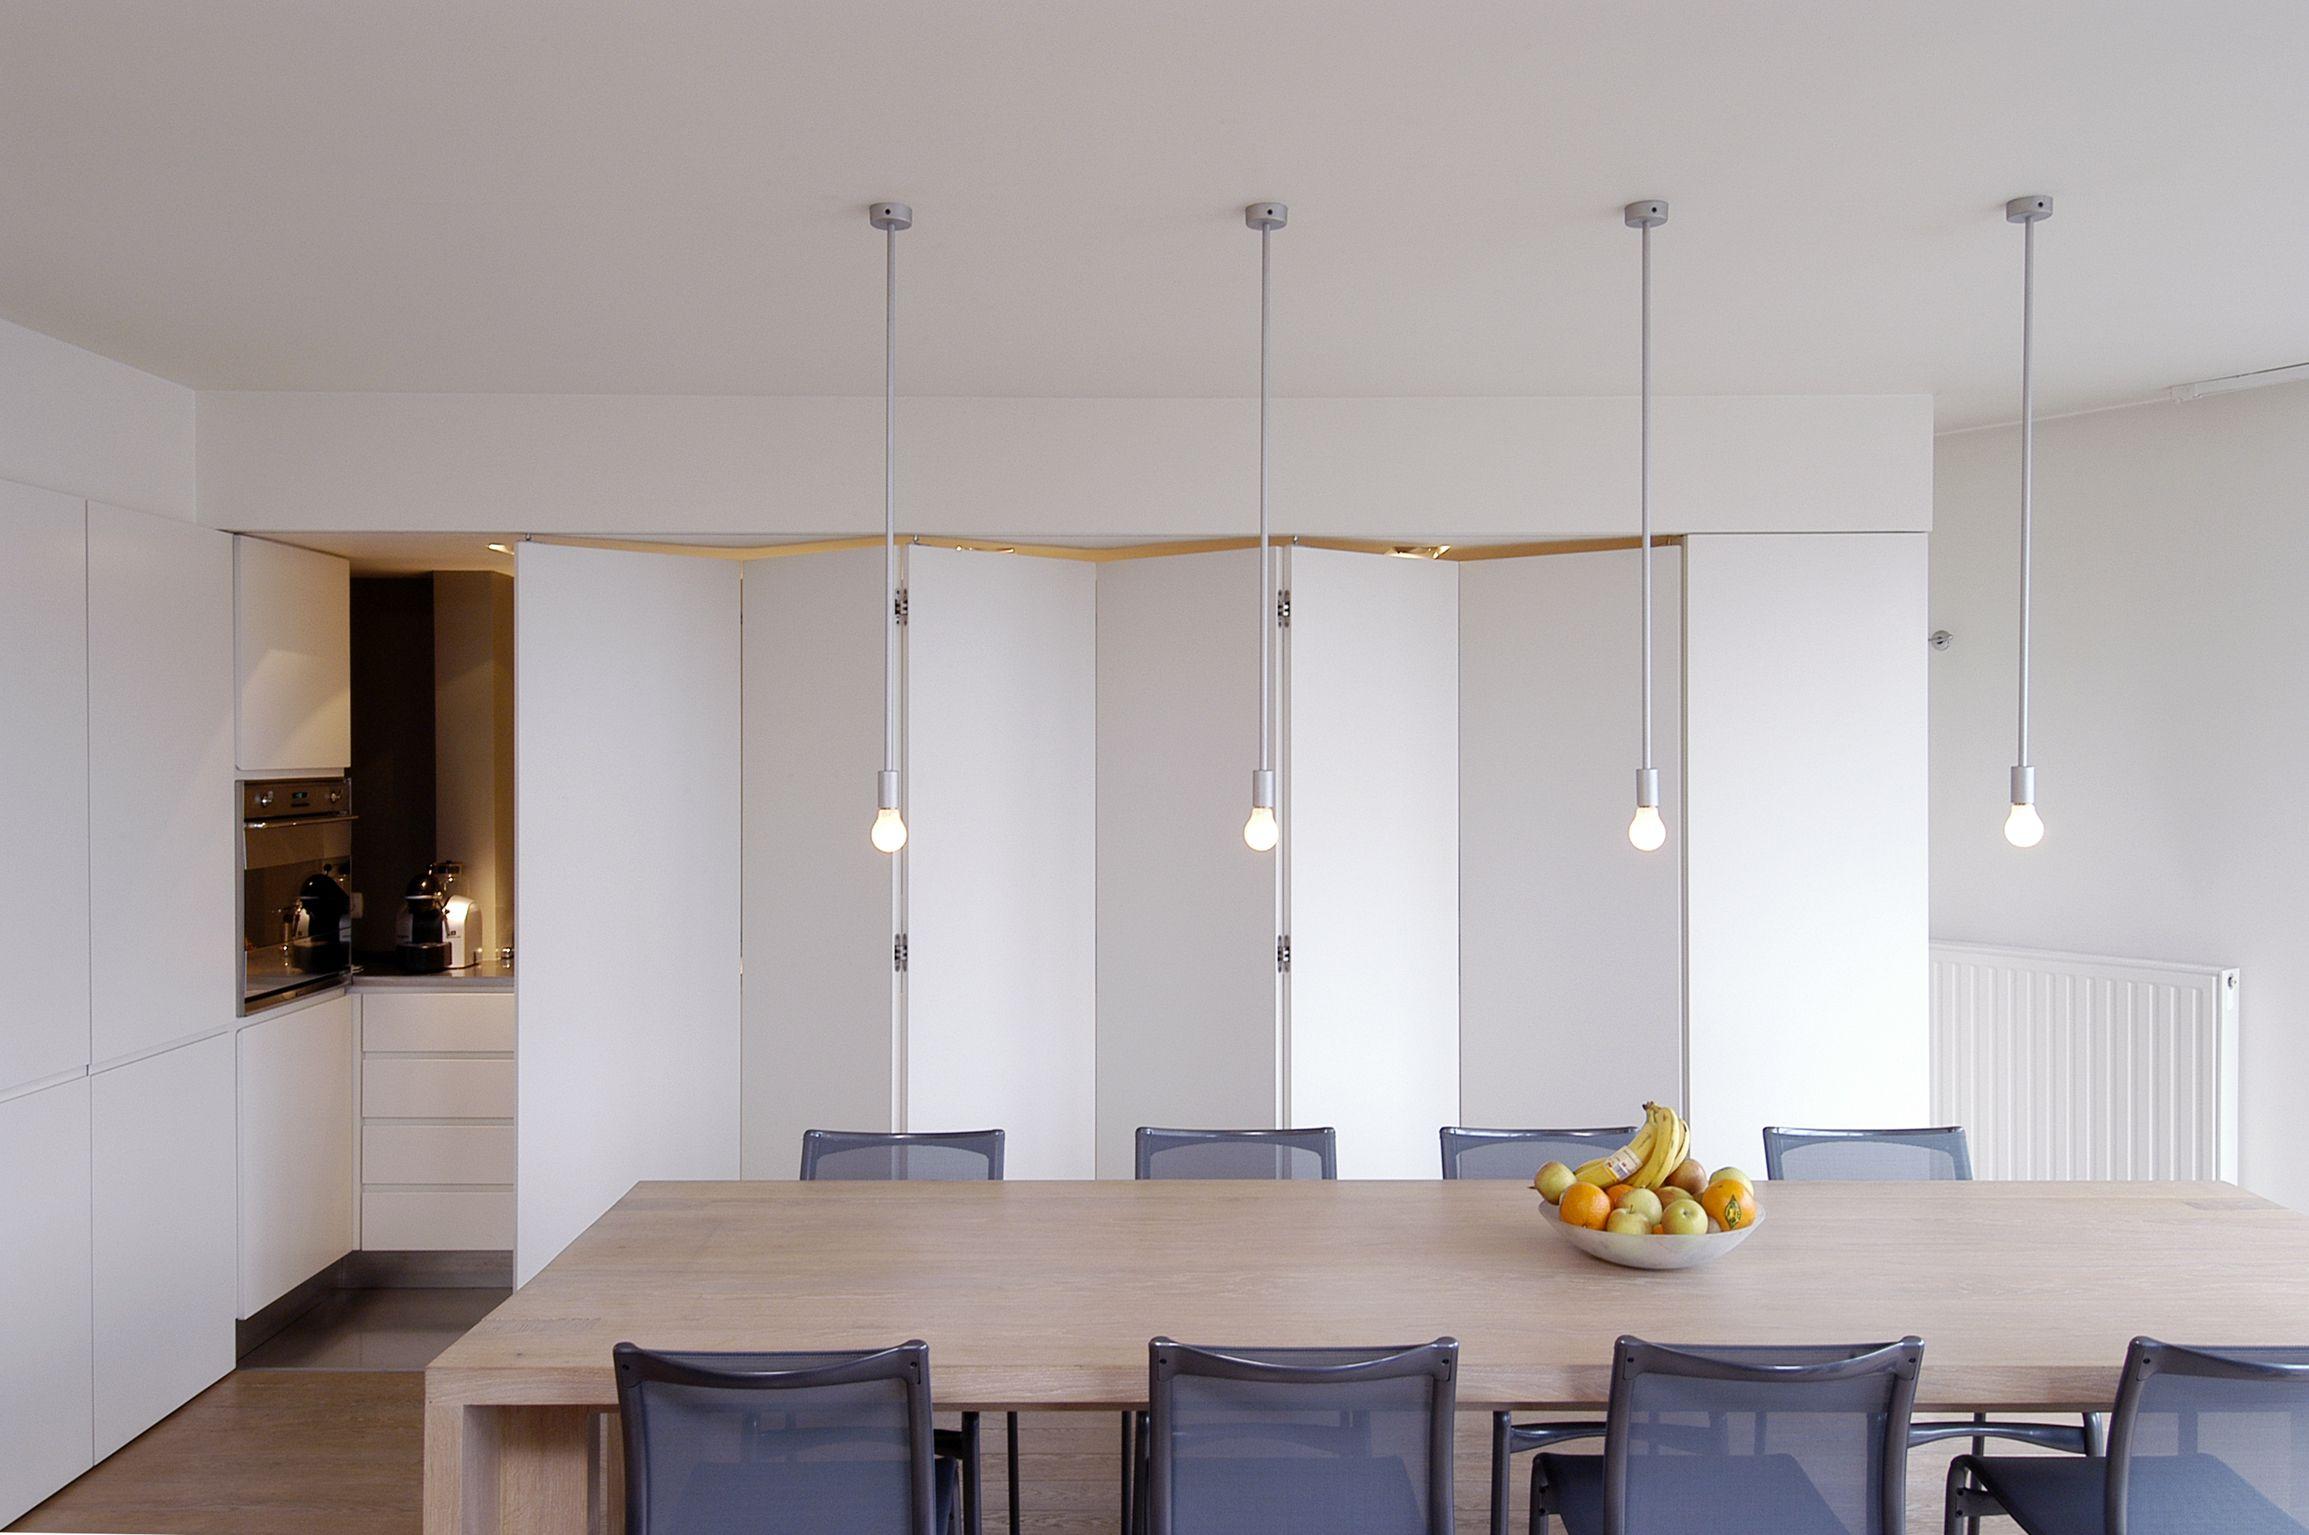 Moderne Keuken met schuifdeur keuekn verstoppen achter schuifdeur ...